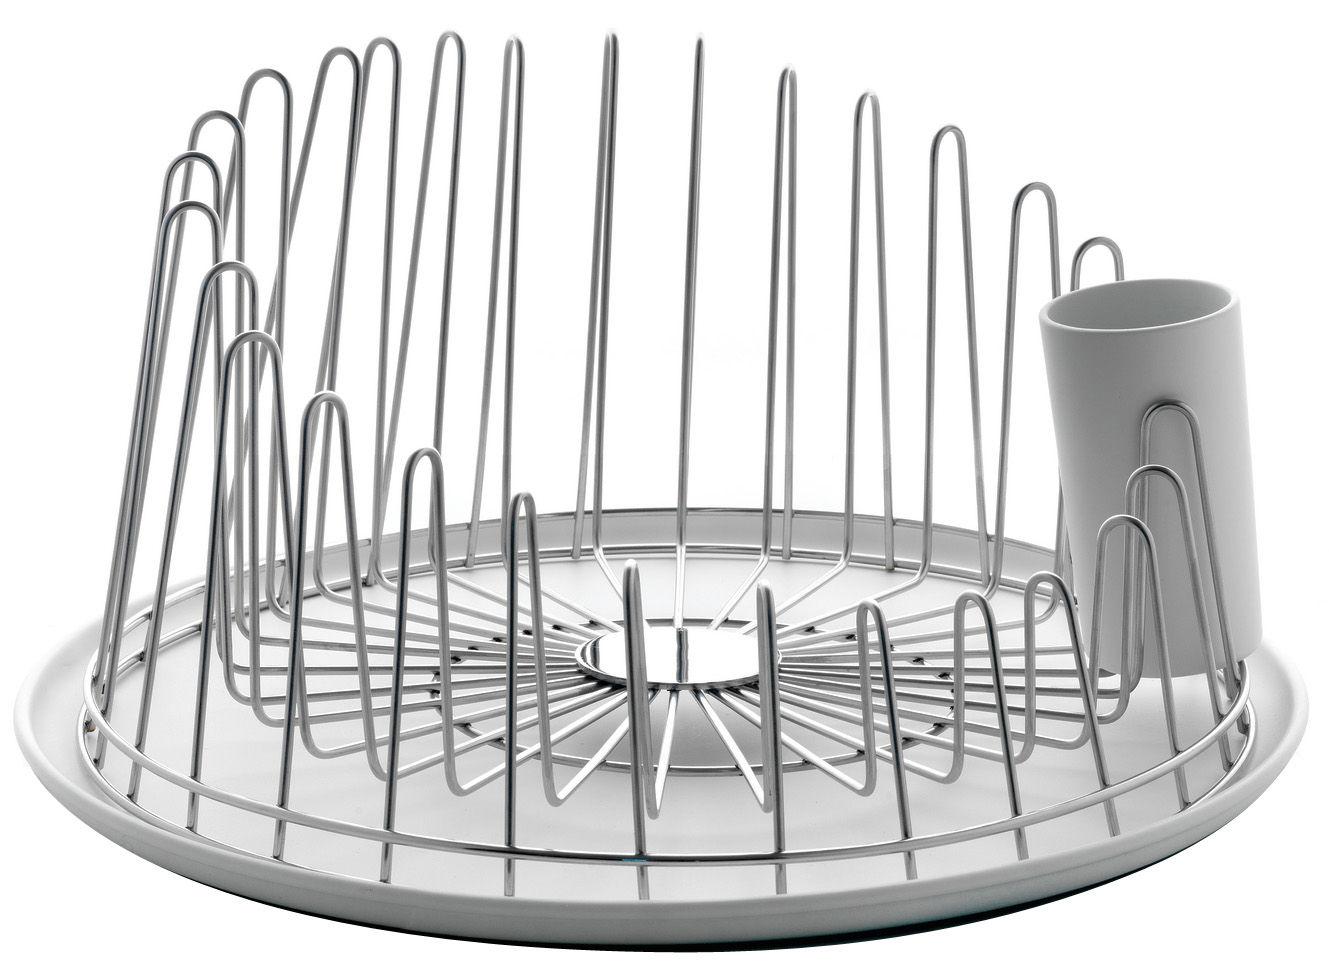 Cuisine - Vaisselle et nettoyage - Egouttoir A Tempo - A di Alessi - Acier brillant - Acier poli, Résine thermoplastique